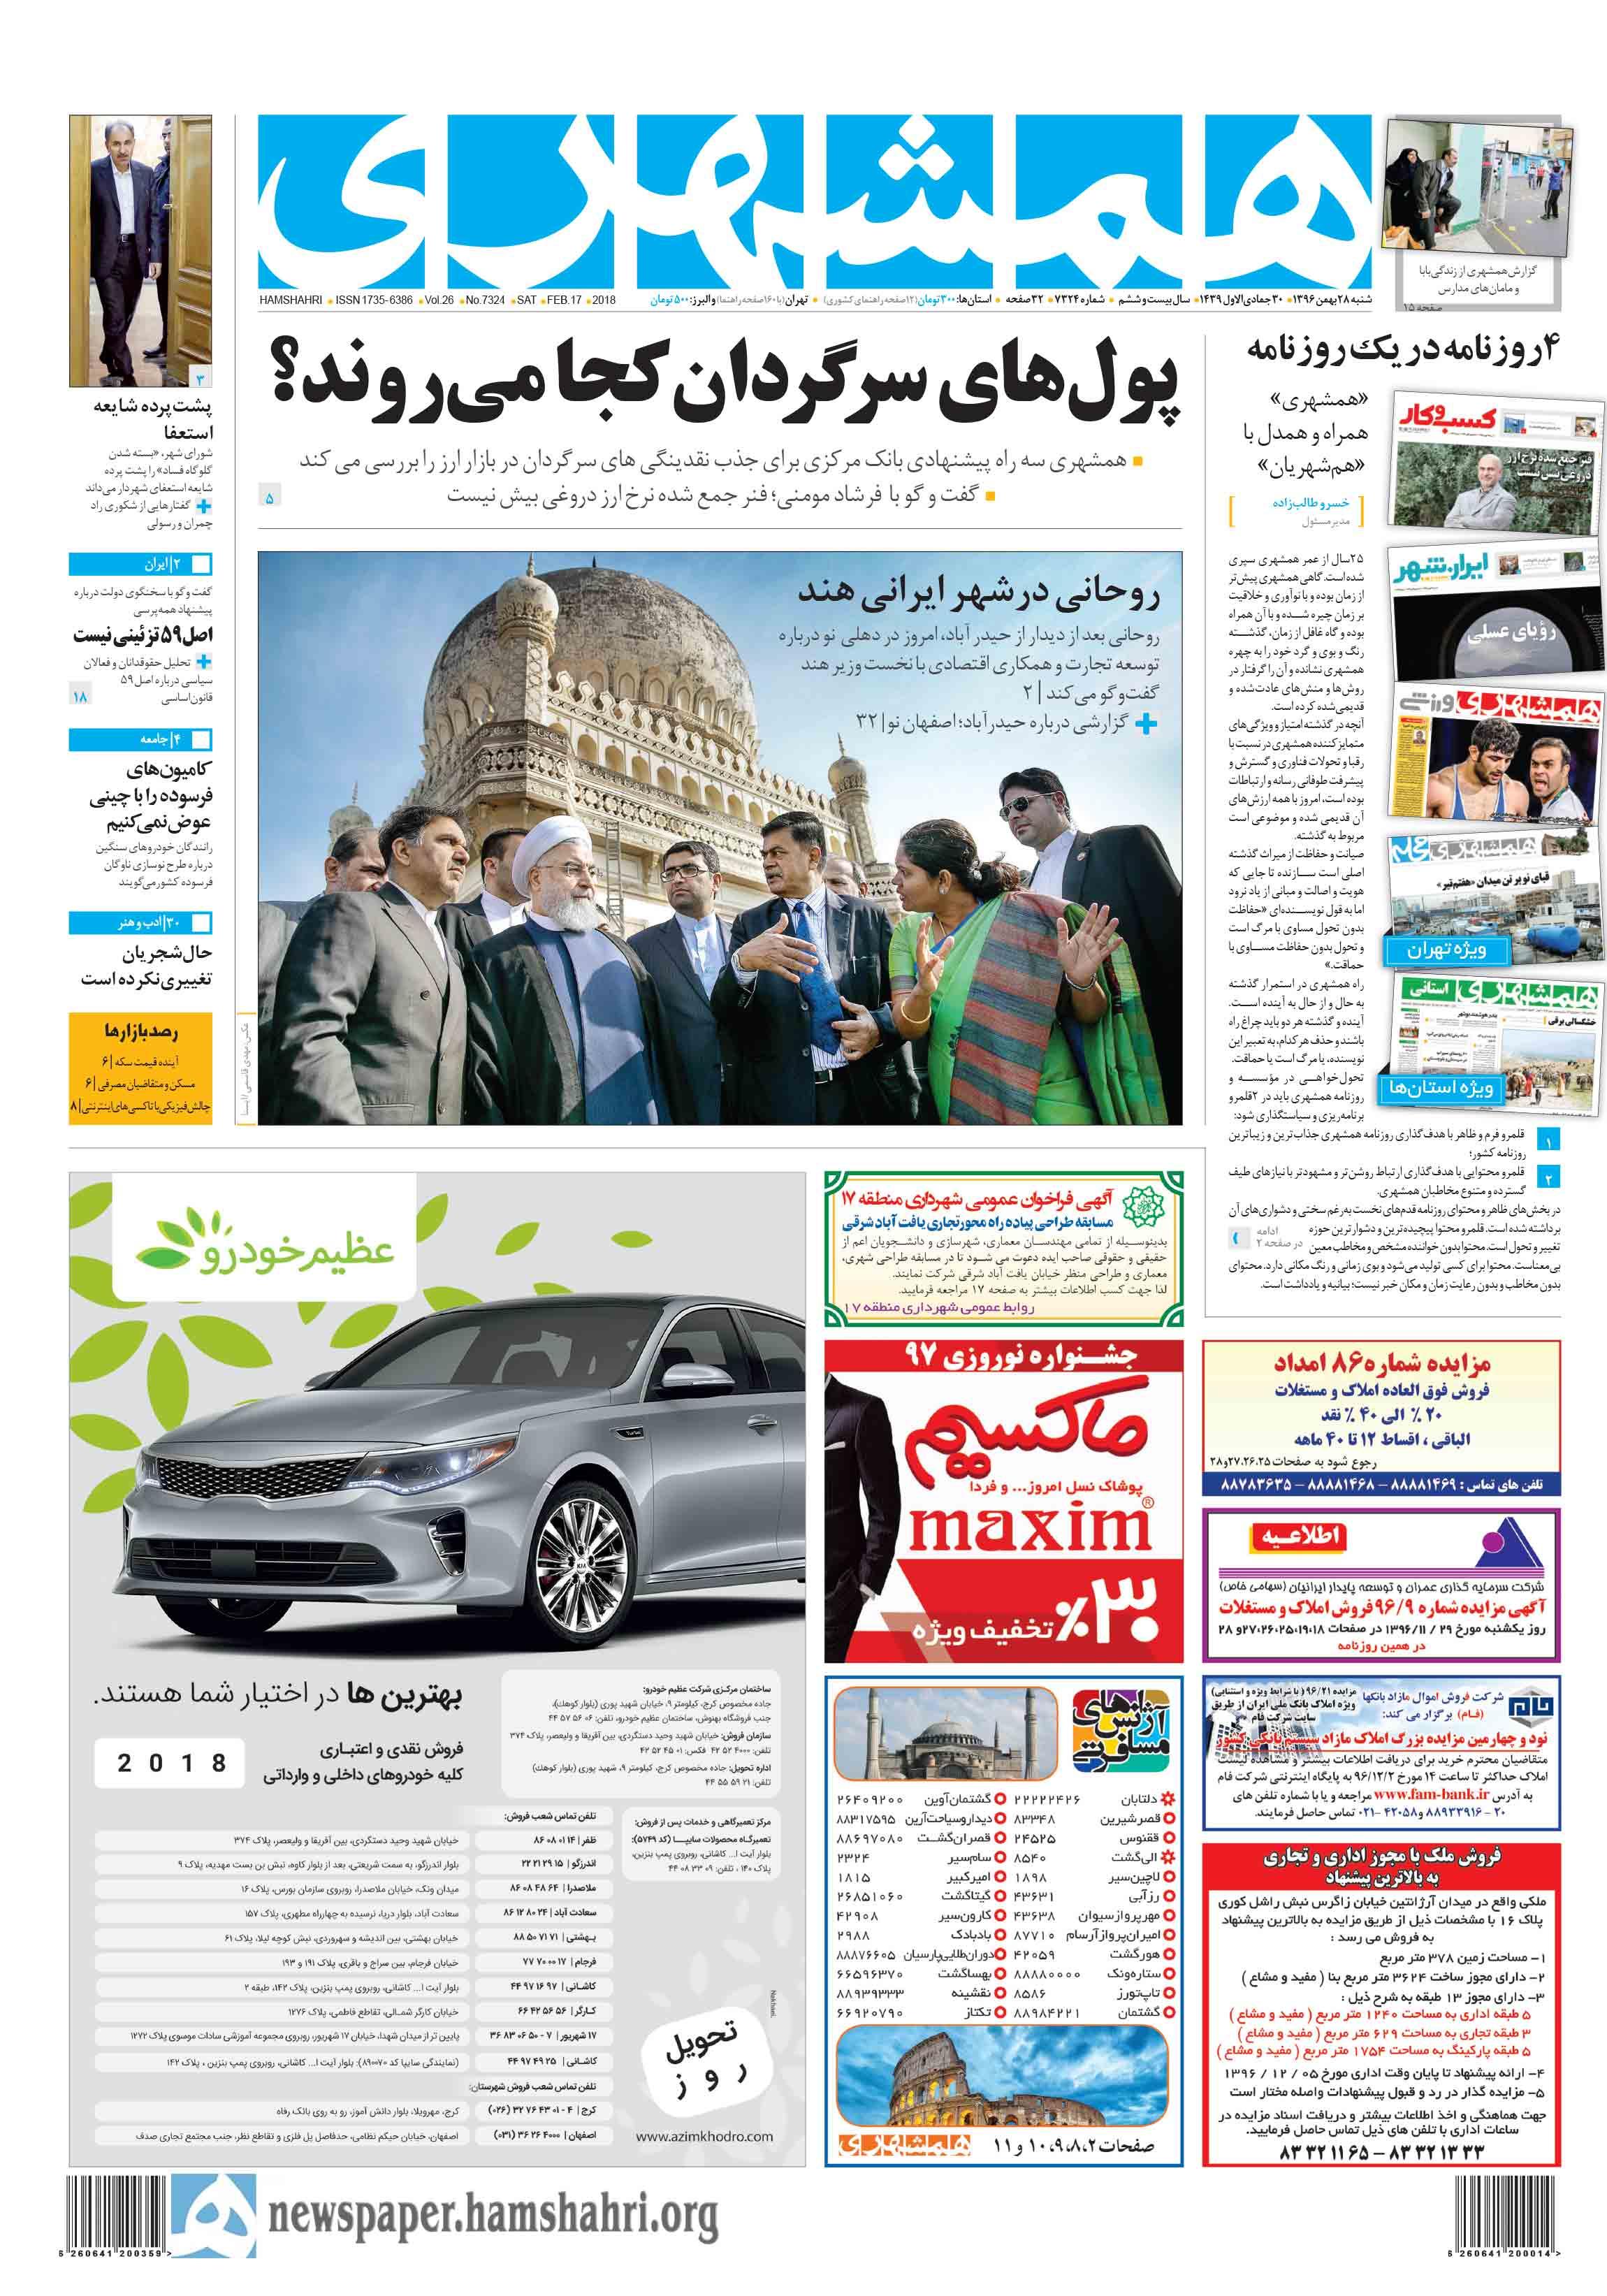 صفحه اول شنبه 28 بهمنماه 1396